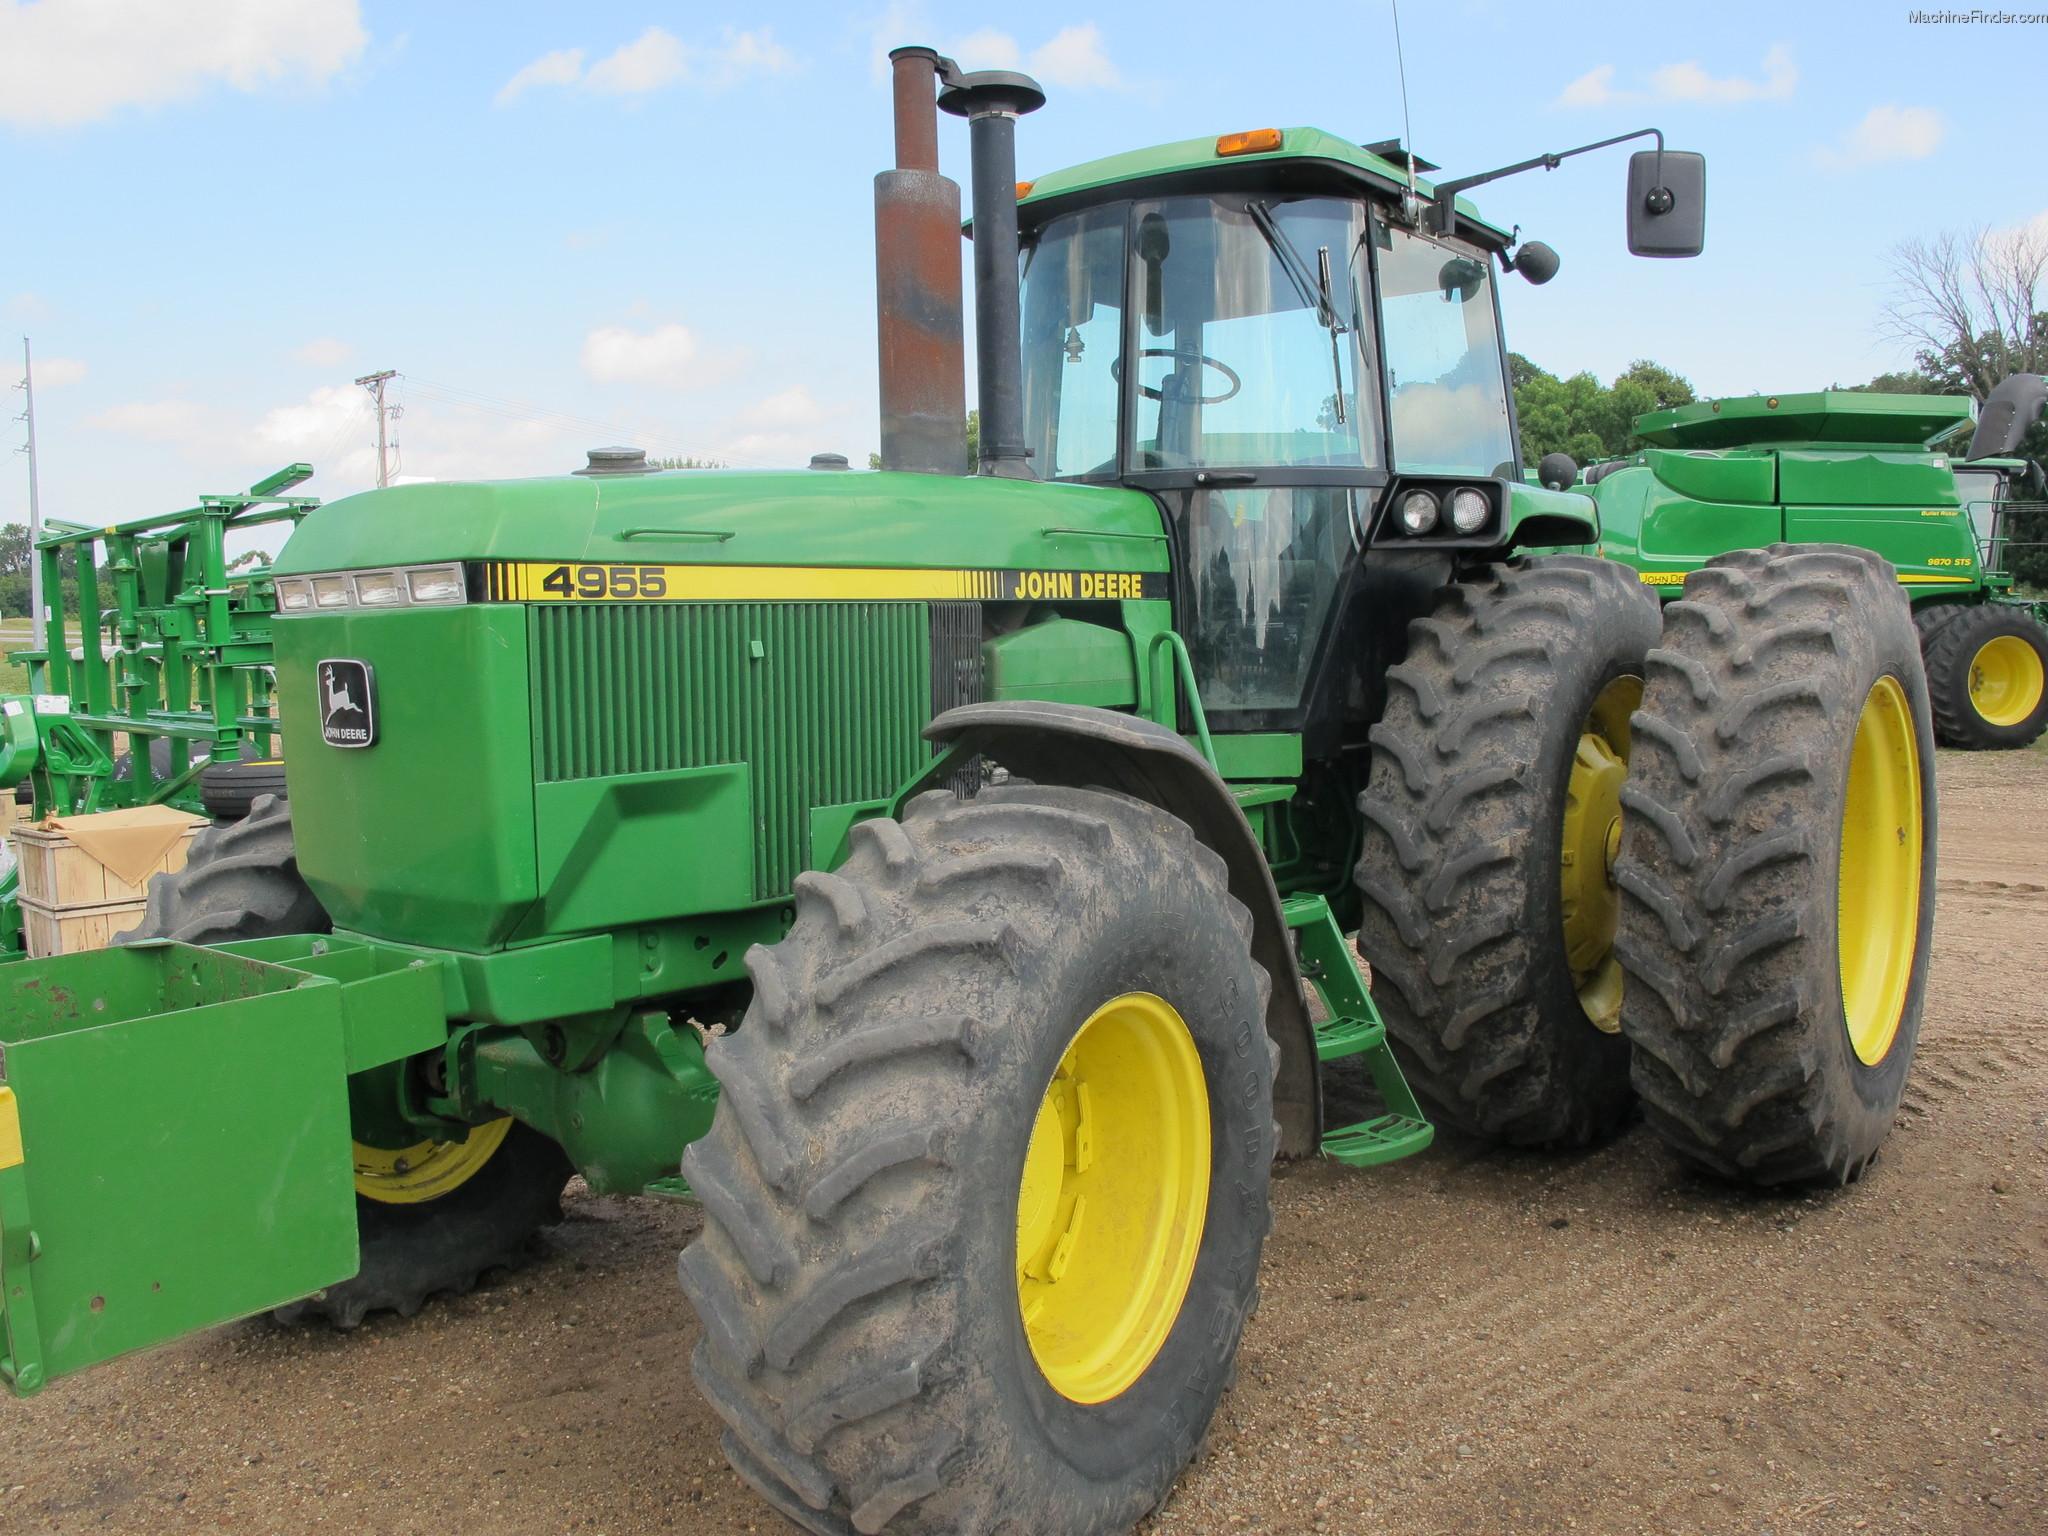 1991 John Deere 4955 Tractors - Row Crop (+100hp)